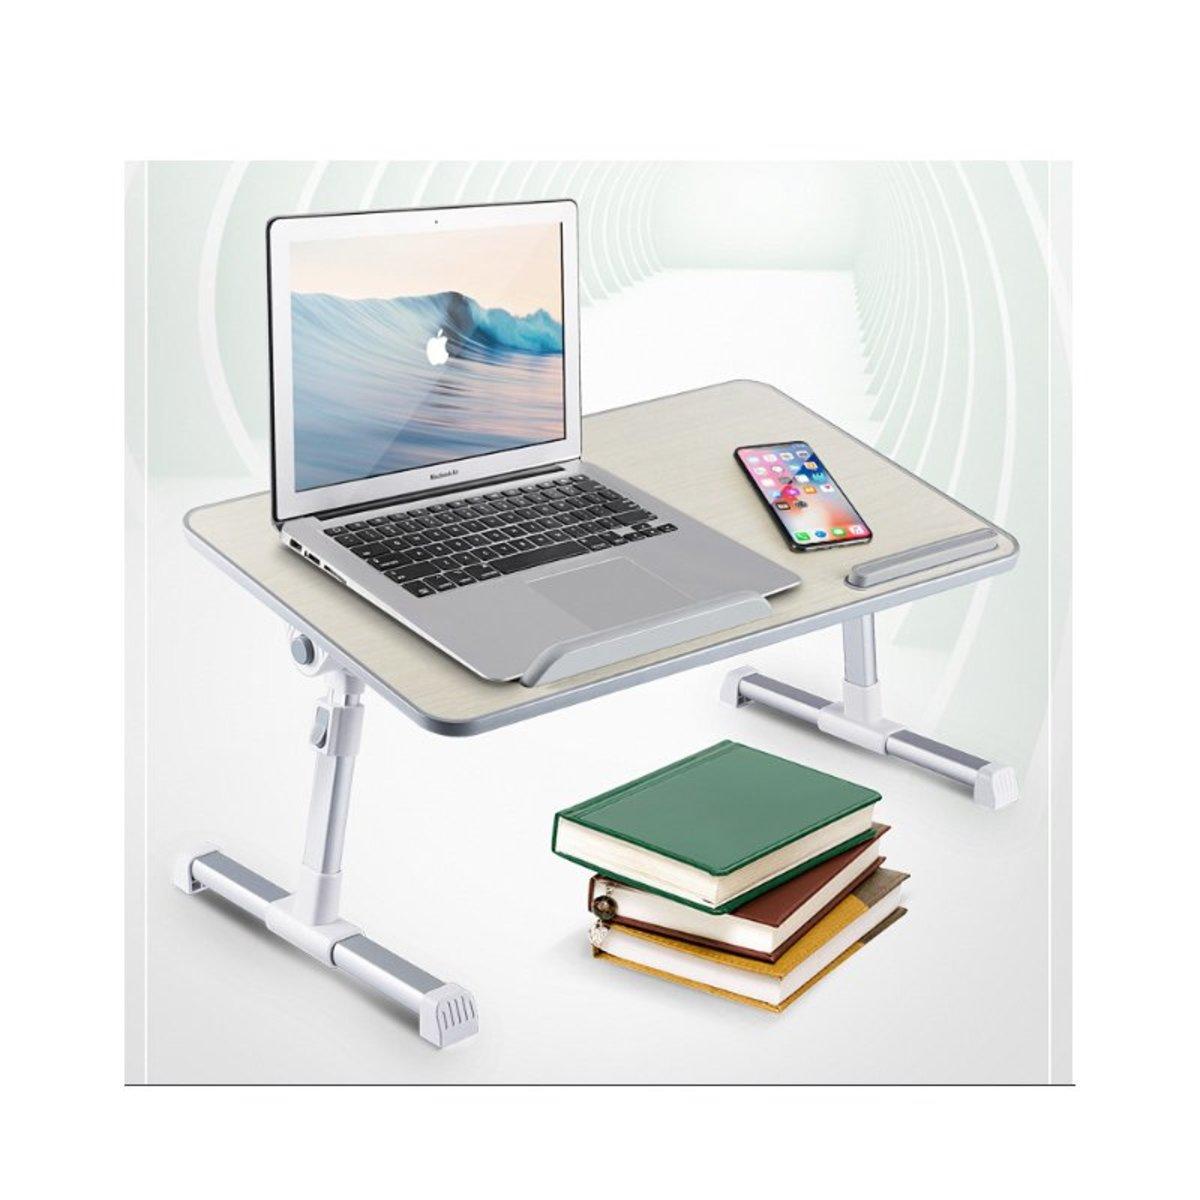 Folding computer desk on bed